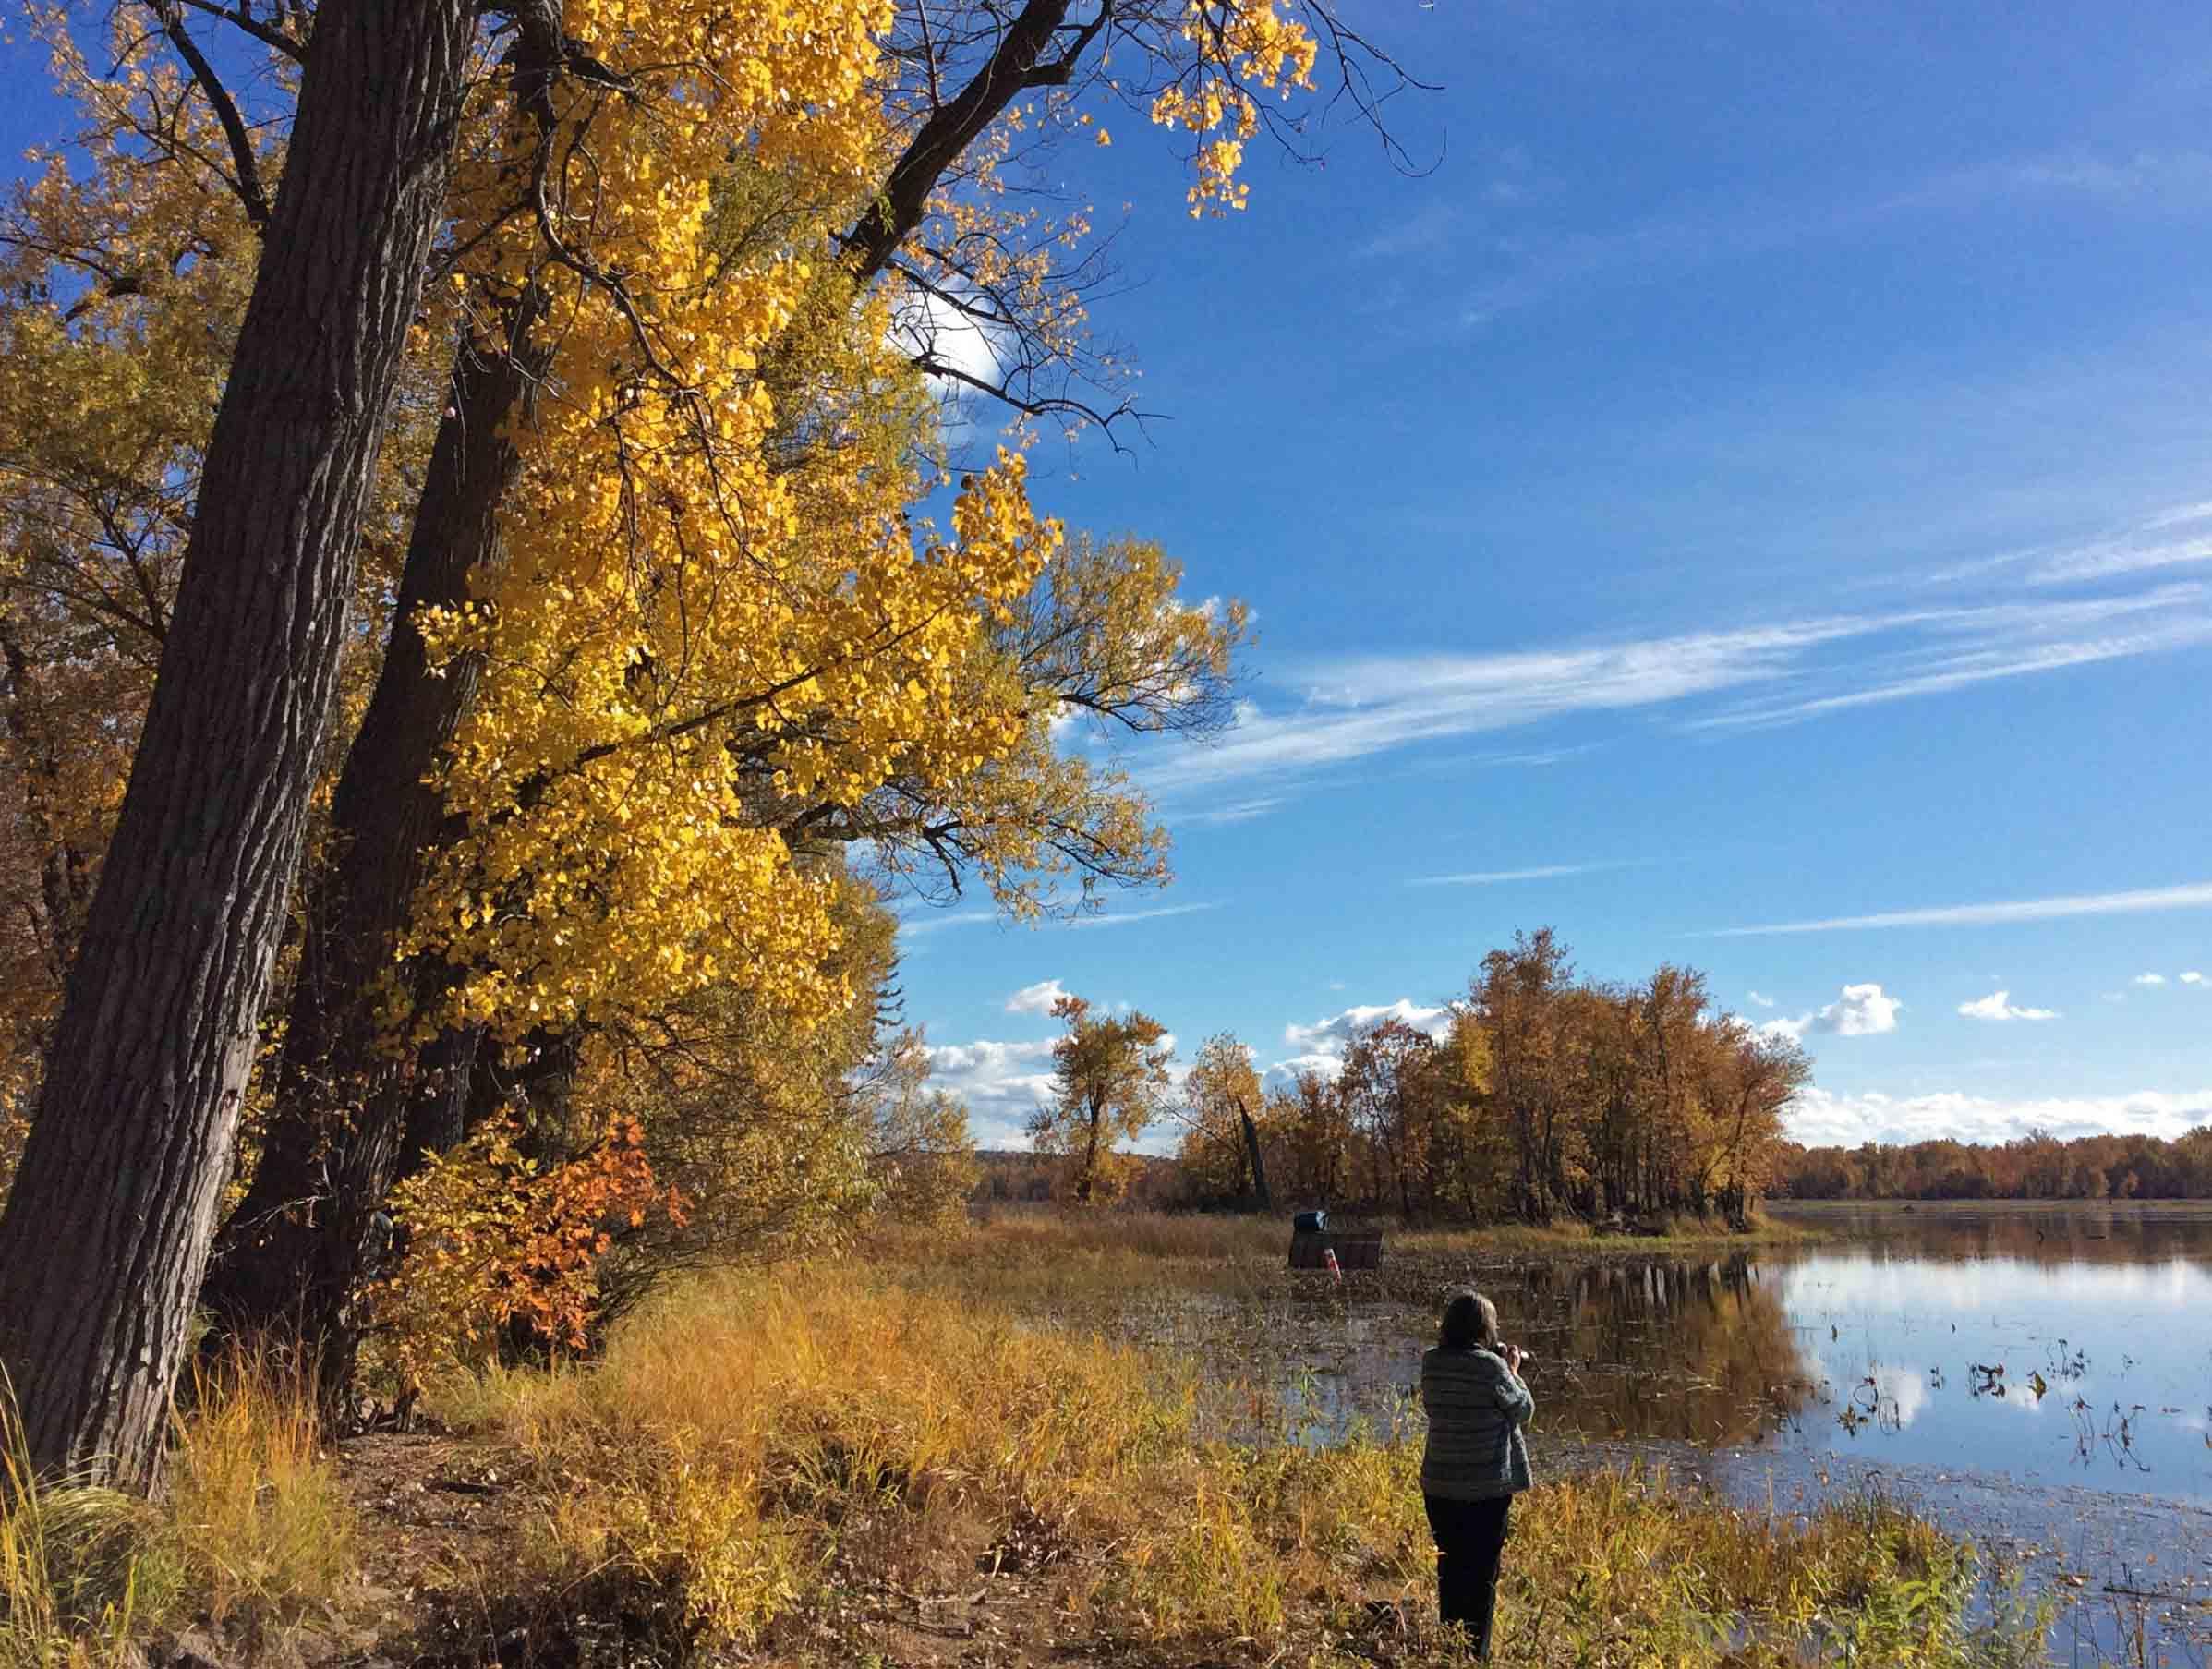 Merridy-LakeChamplain marsh